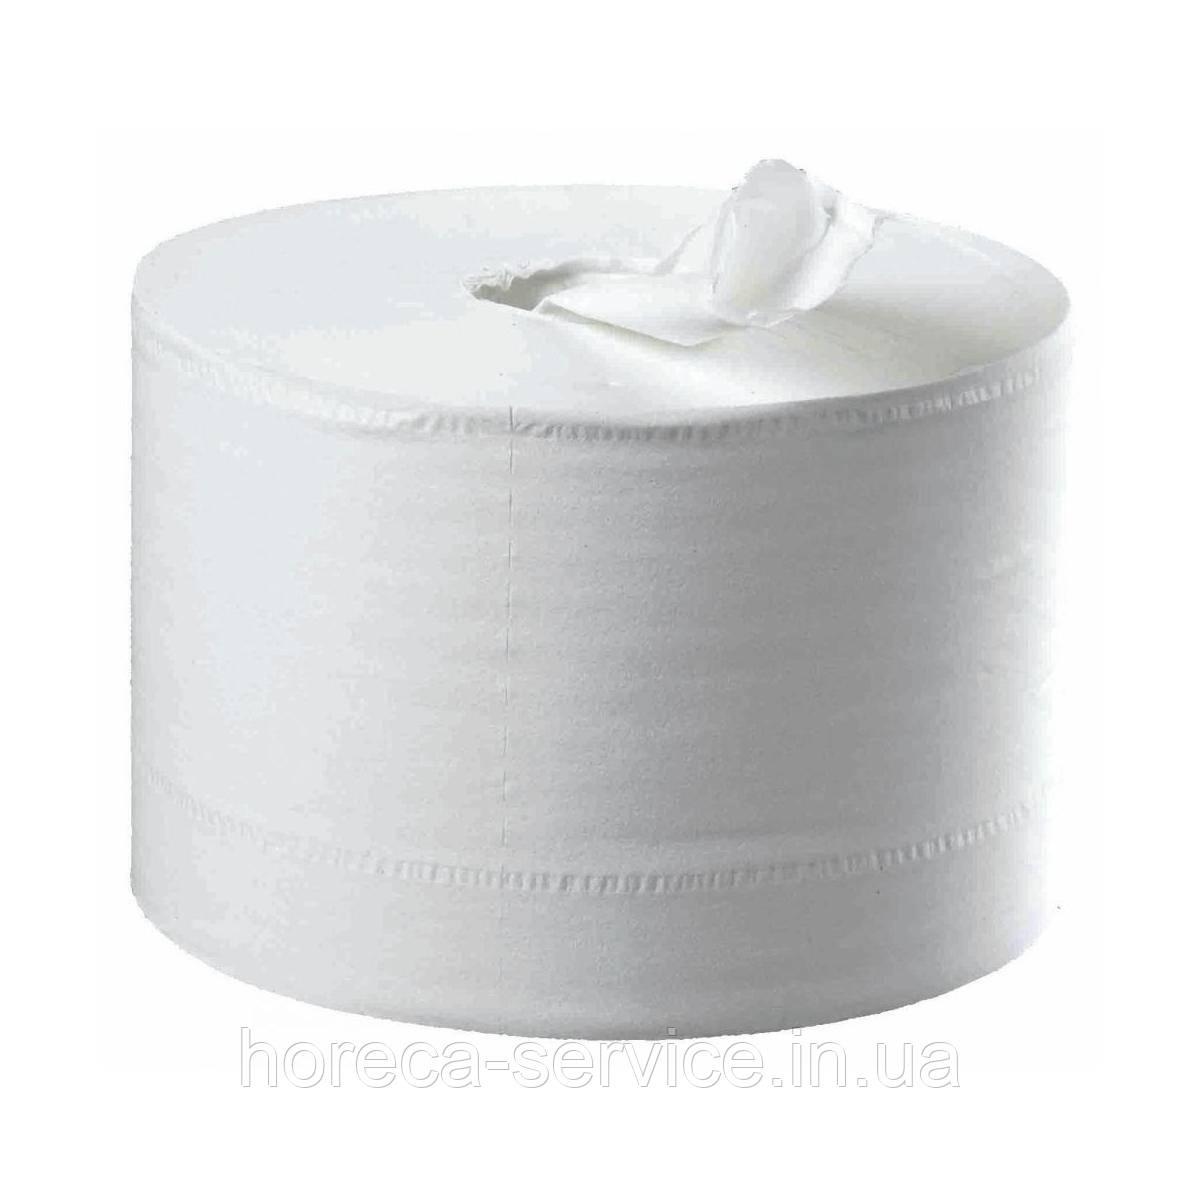 Туалетная бумага Selpak Professional Джамбо с центральной вытяжкой 120м.6рулонов упак.